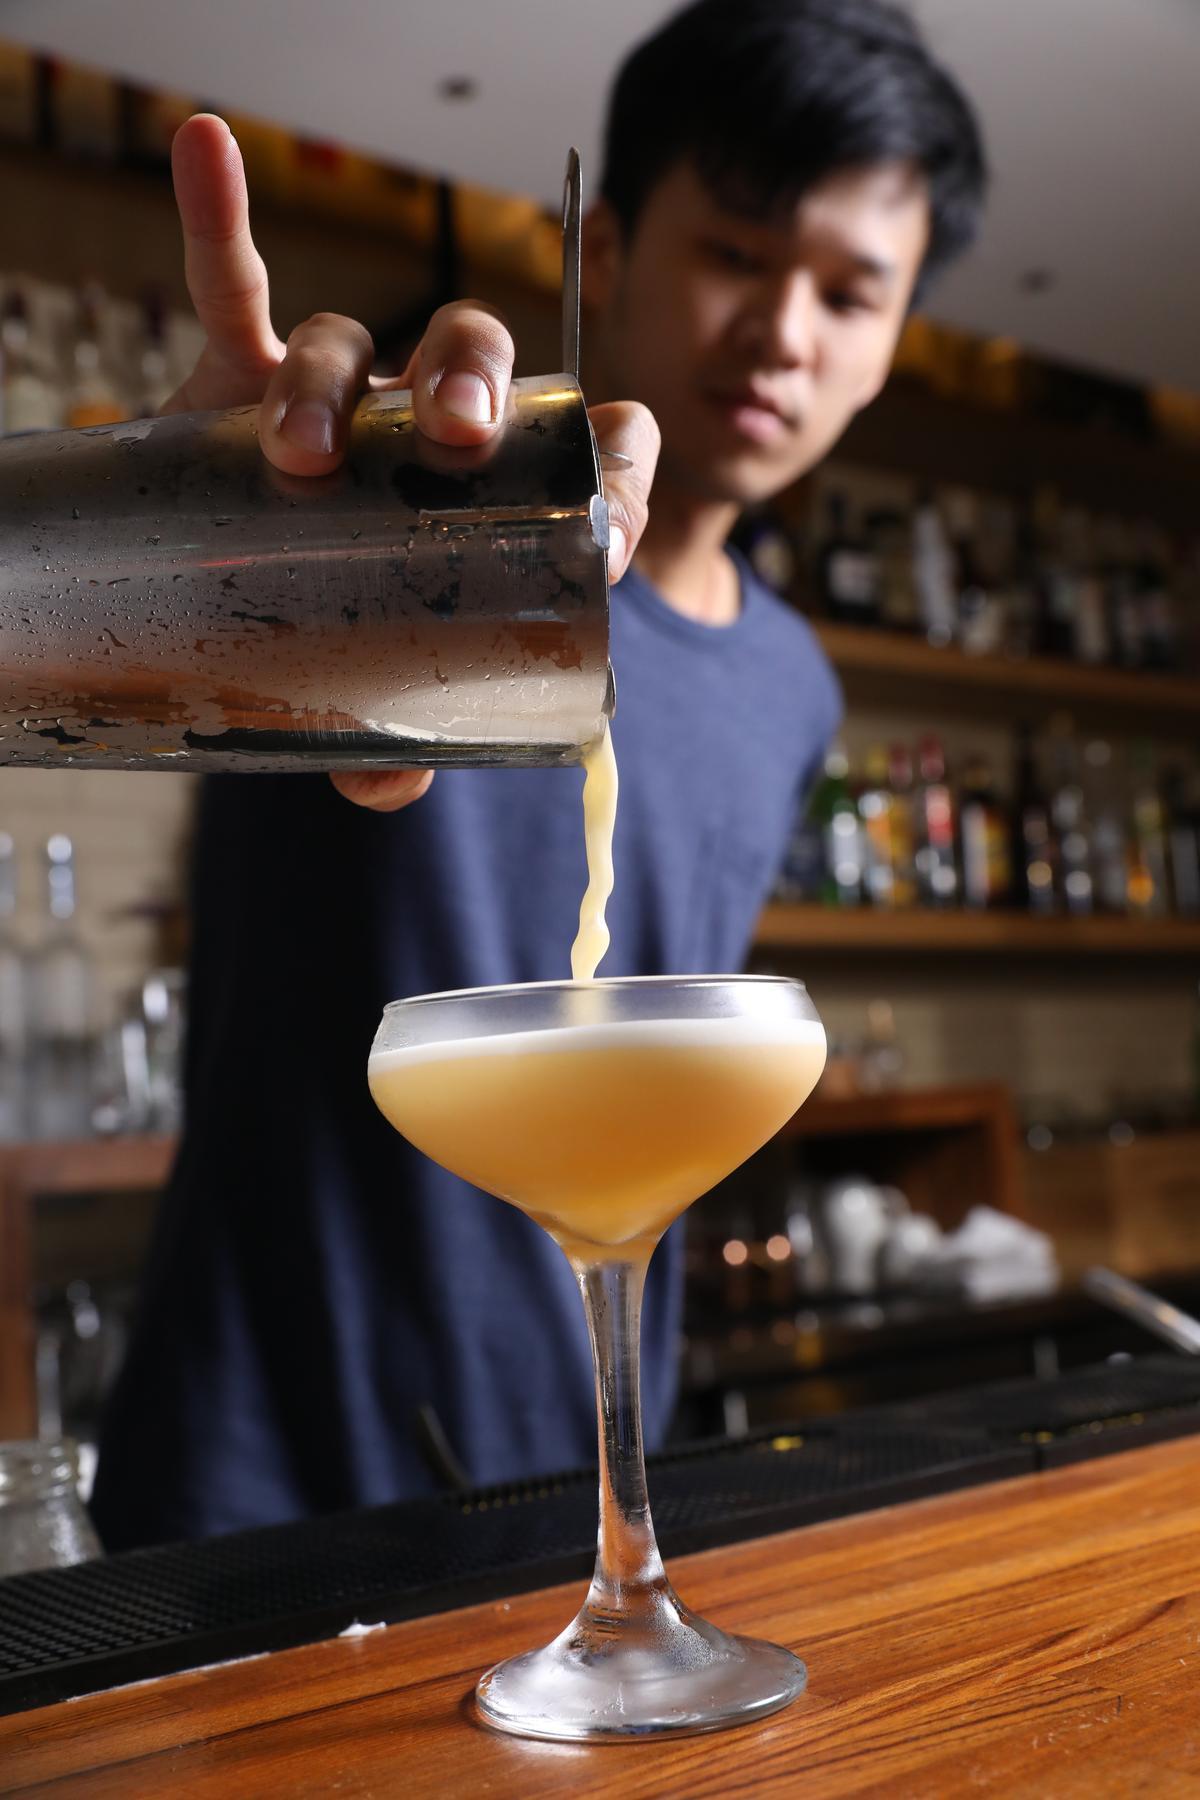 倒出調酒「Maracuya Sour」就聞到熱帶水果香氣。